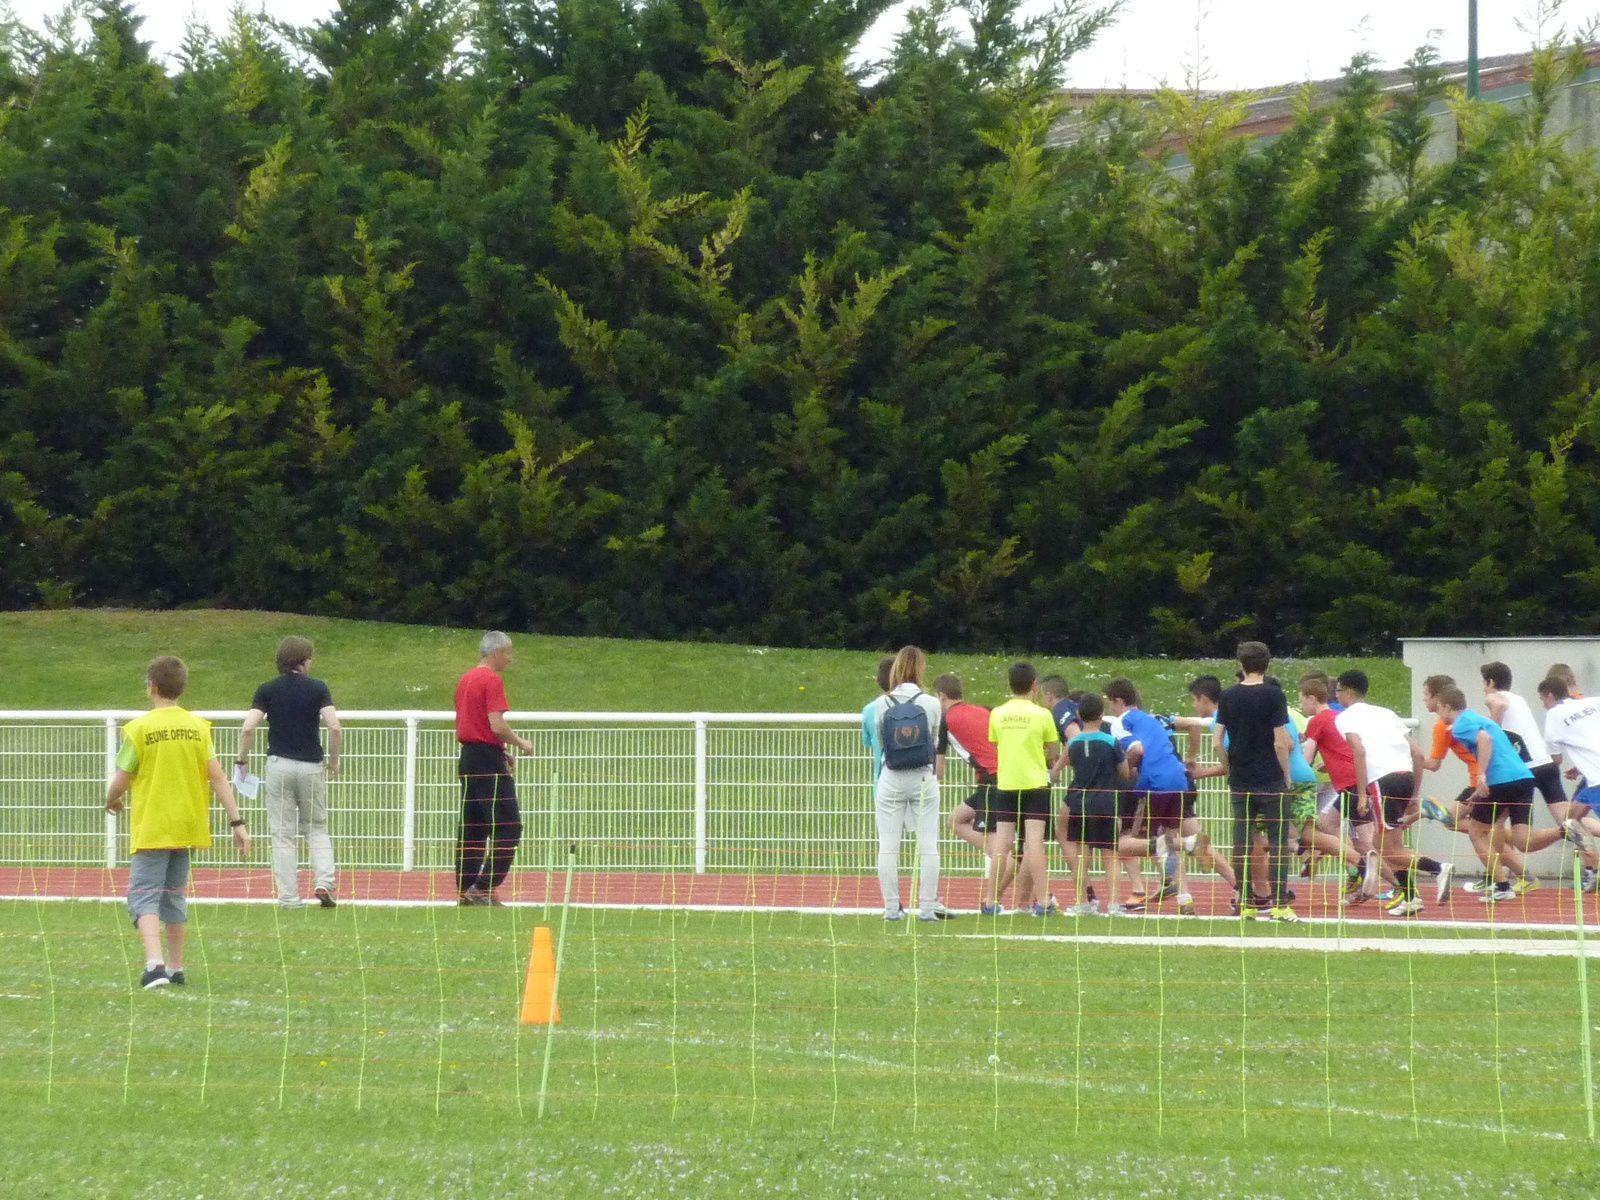 Championnats académiques d'athlétisme estival Reims mai 2016 (photos et vidéos)